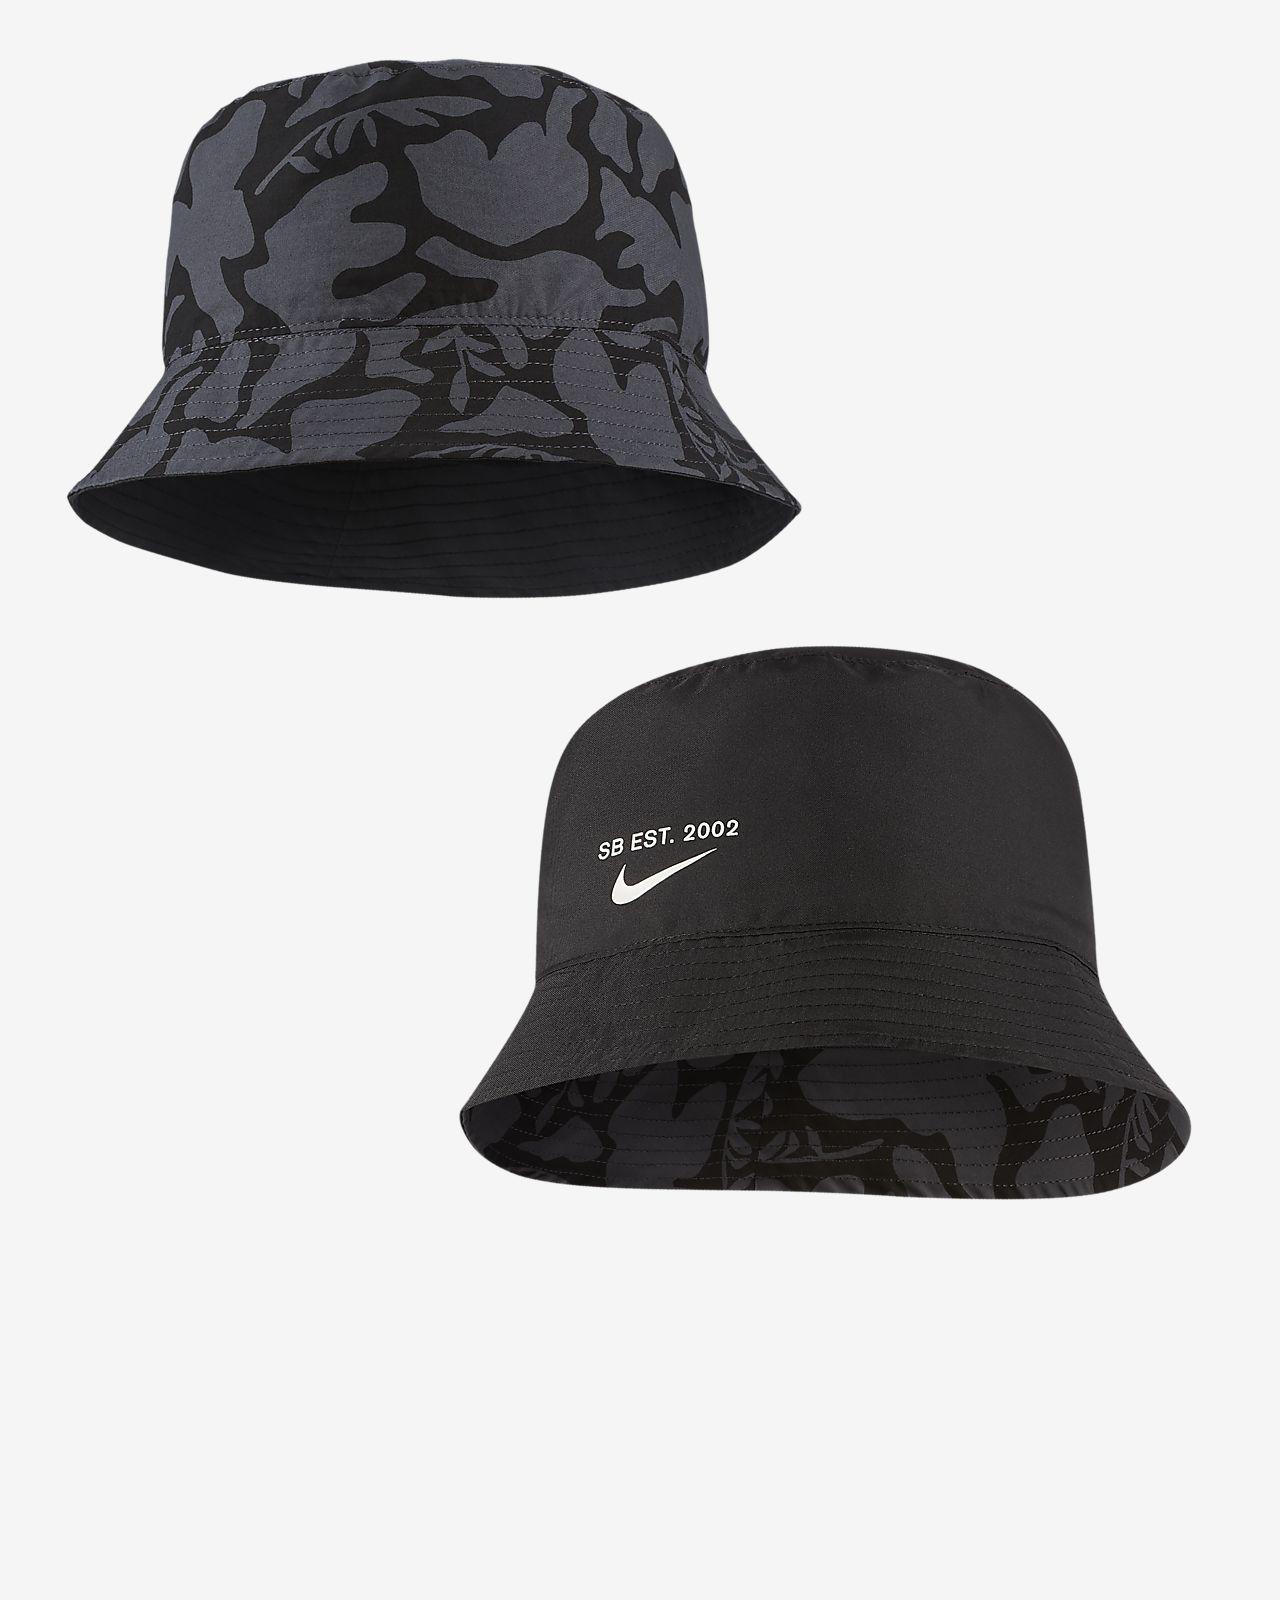 2a7b755730a55 Low Resolution Nike SB Printed Skate Bucket Hat Nike SB Printed Skate Bucket  Hat